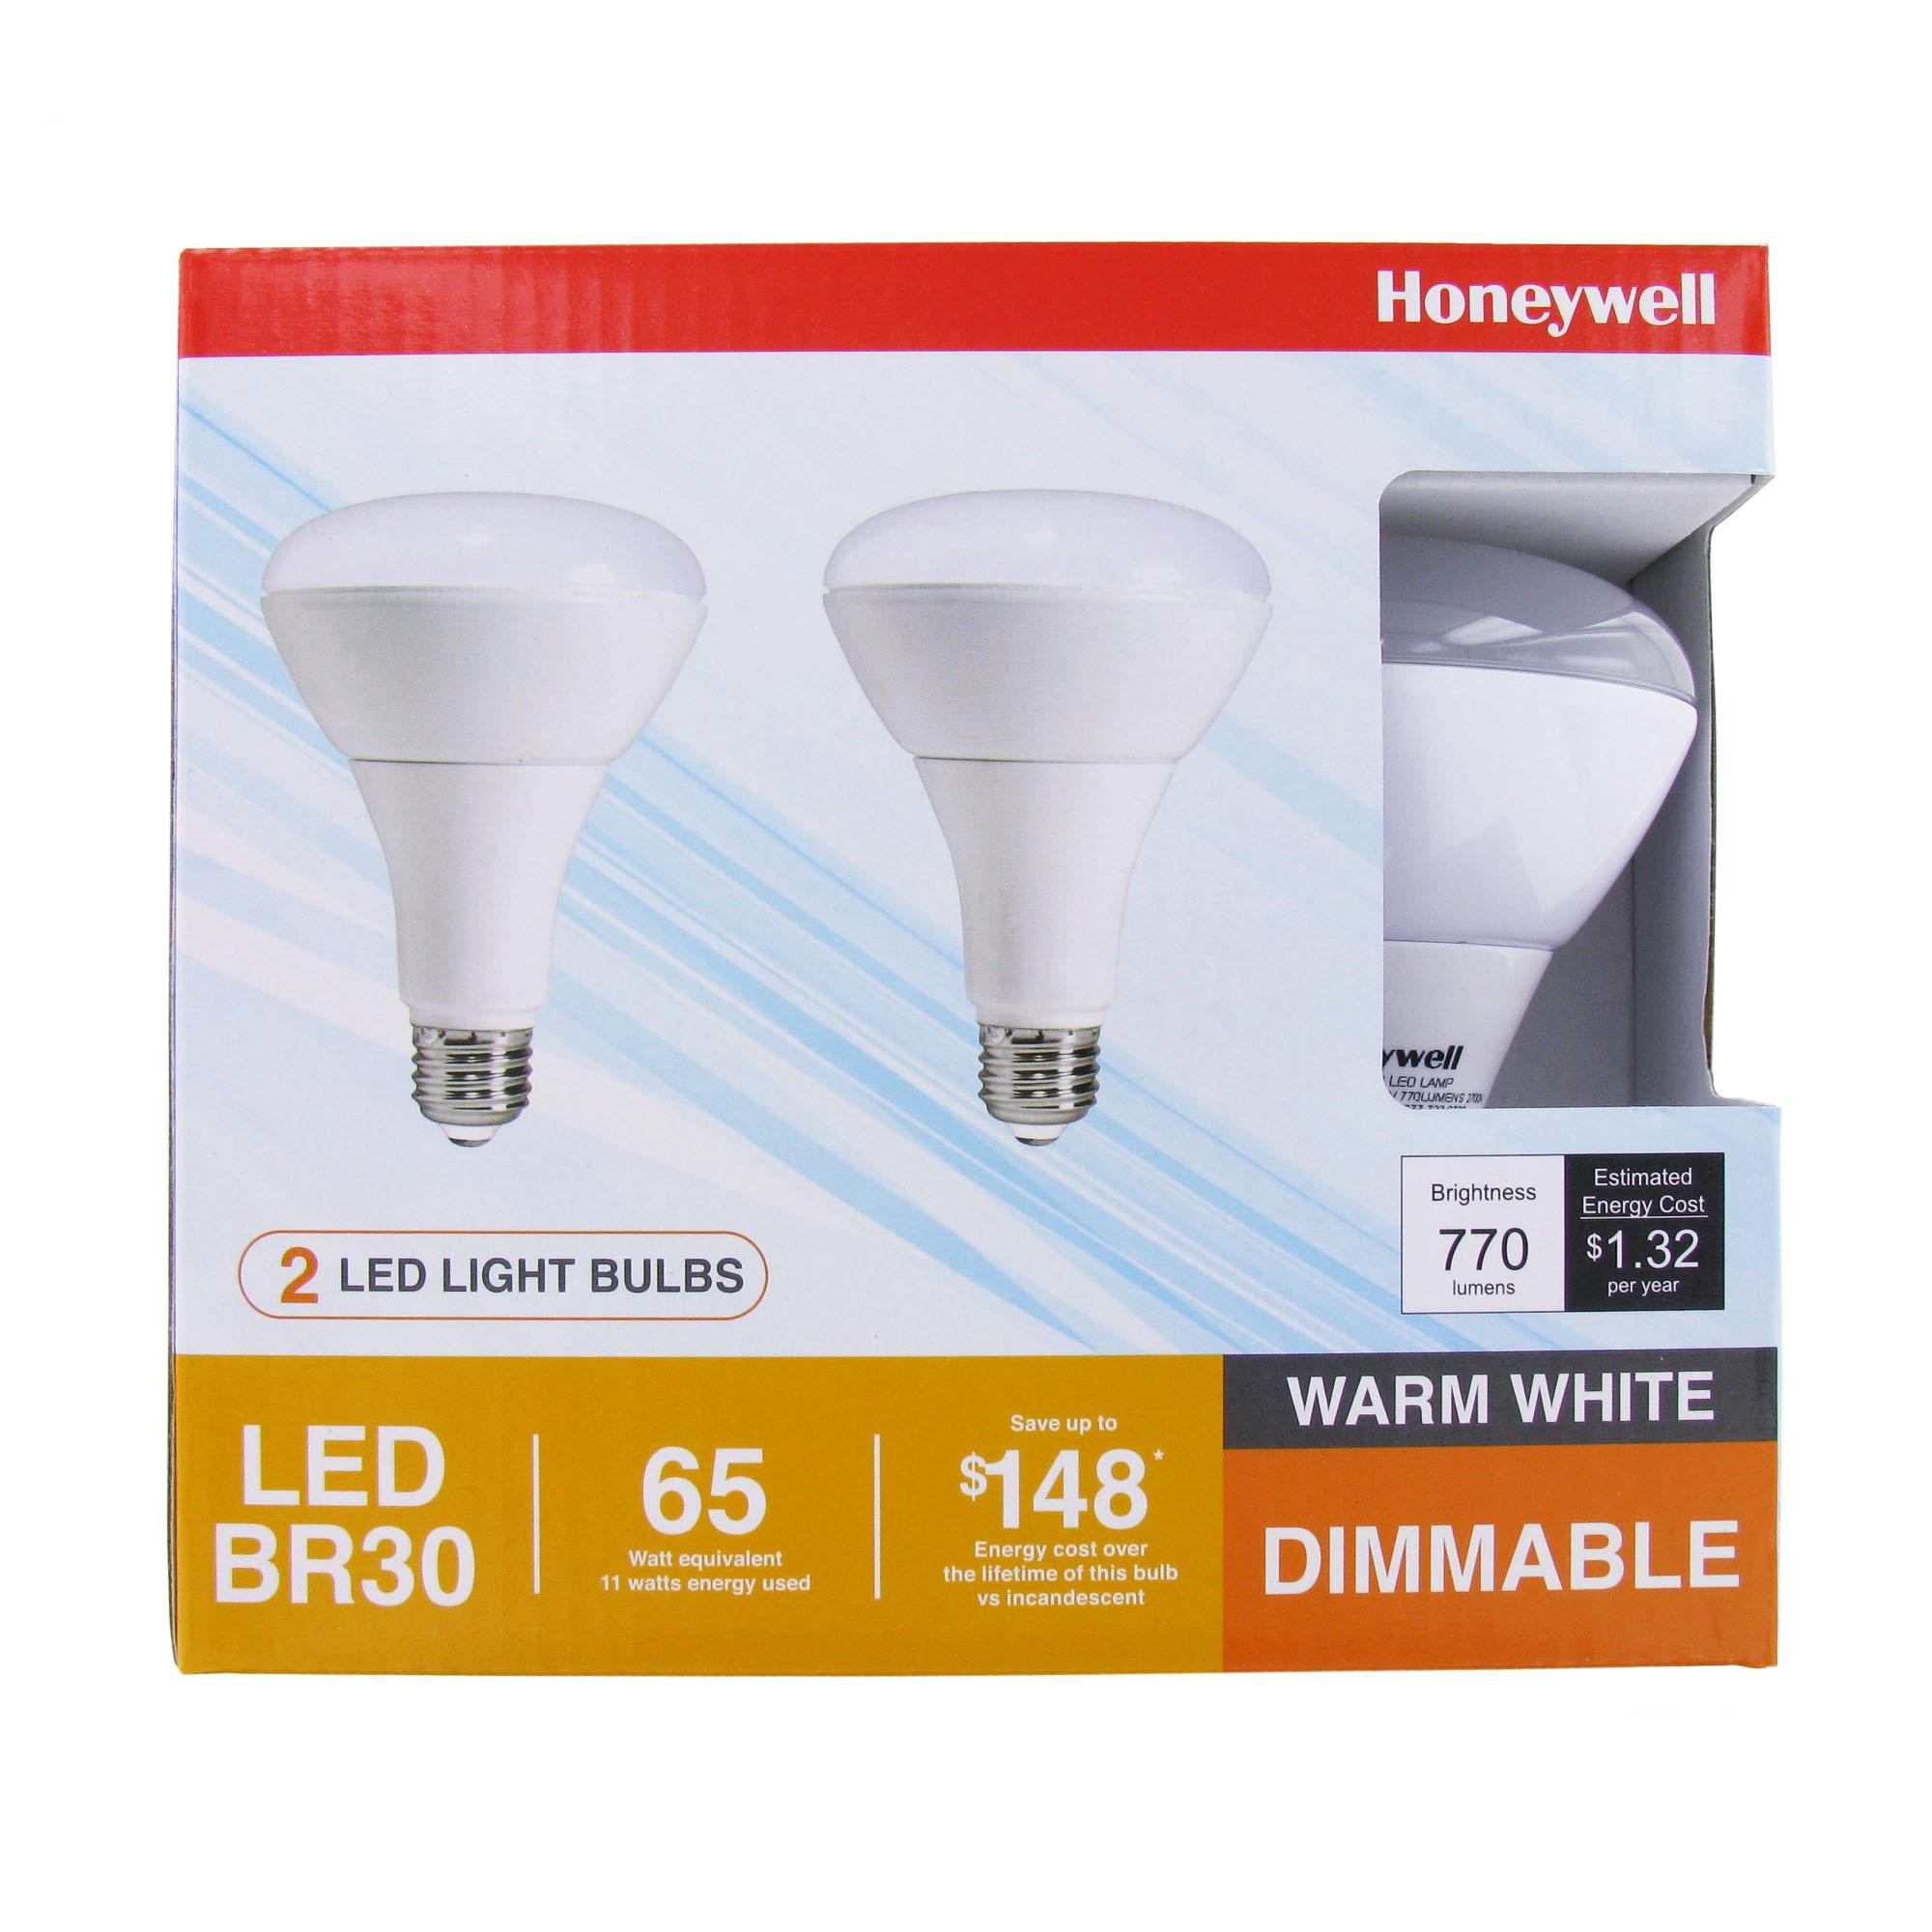 Honeywell Fe0501 01 Br30 Led Light Bulb 2 Pack Great Brands Outlet